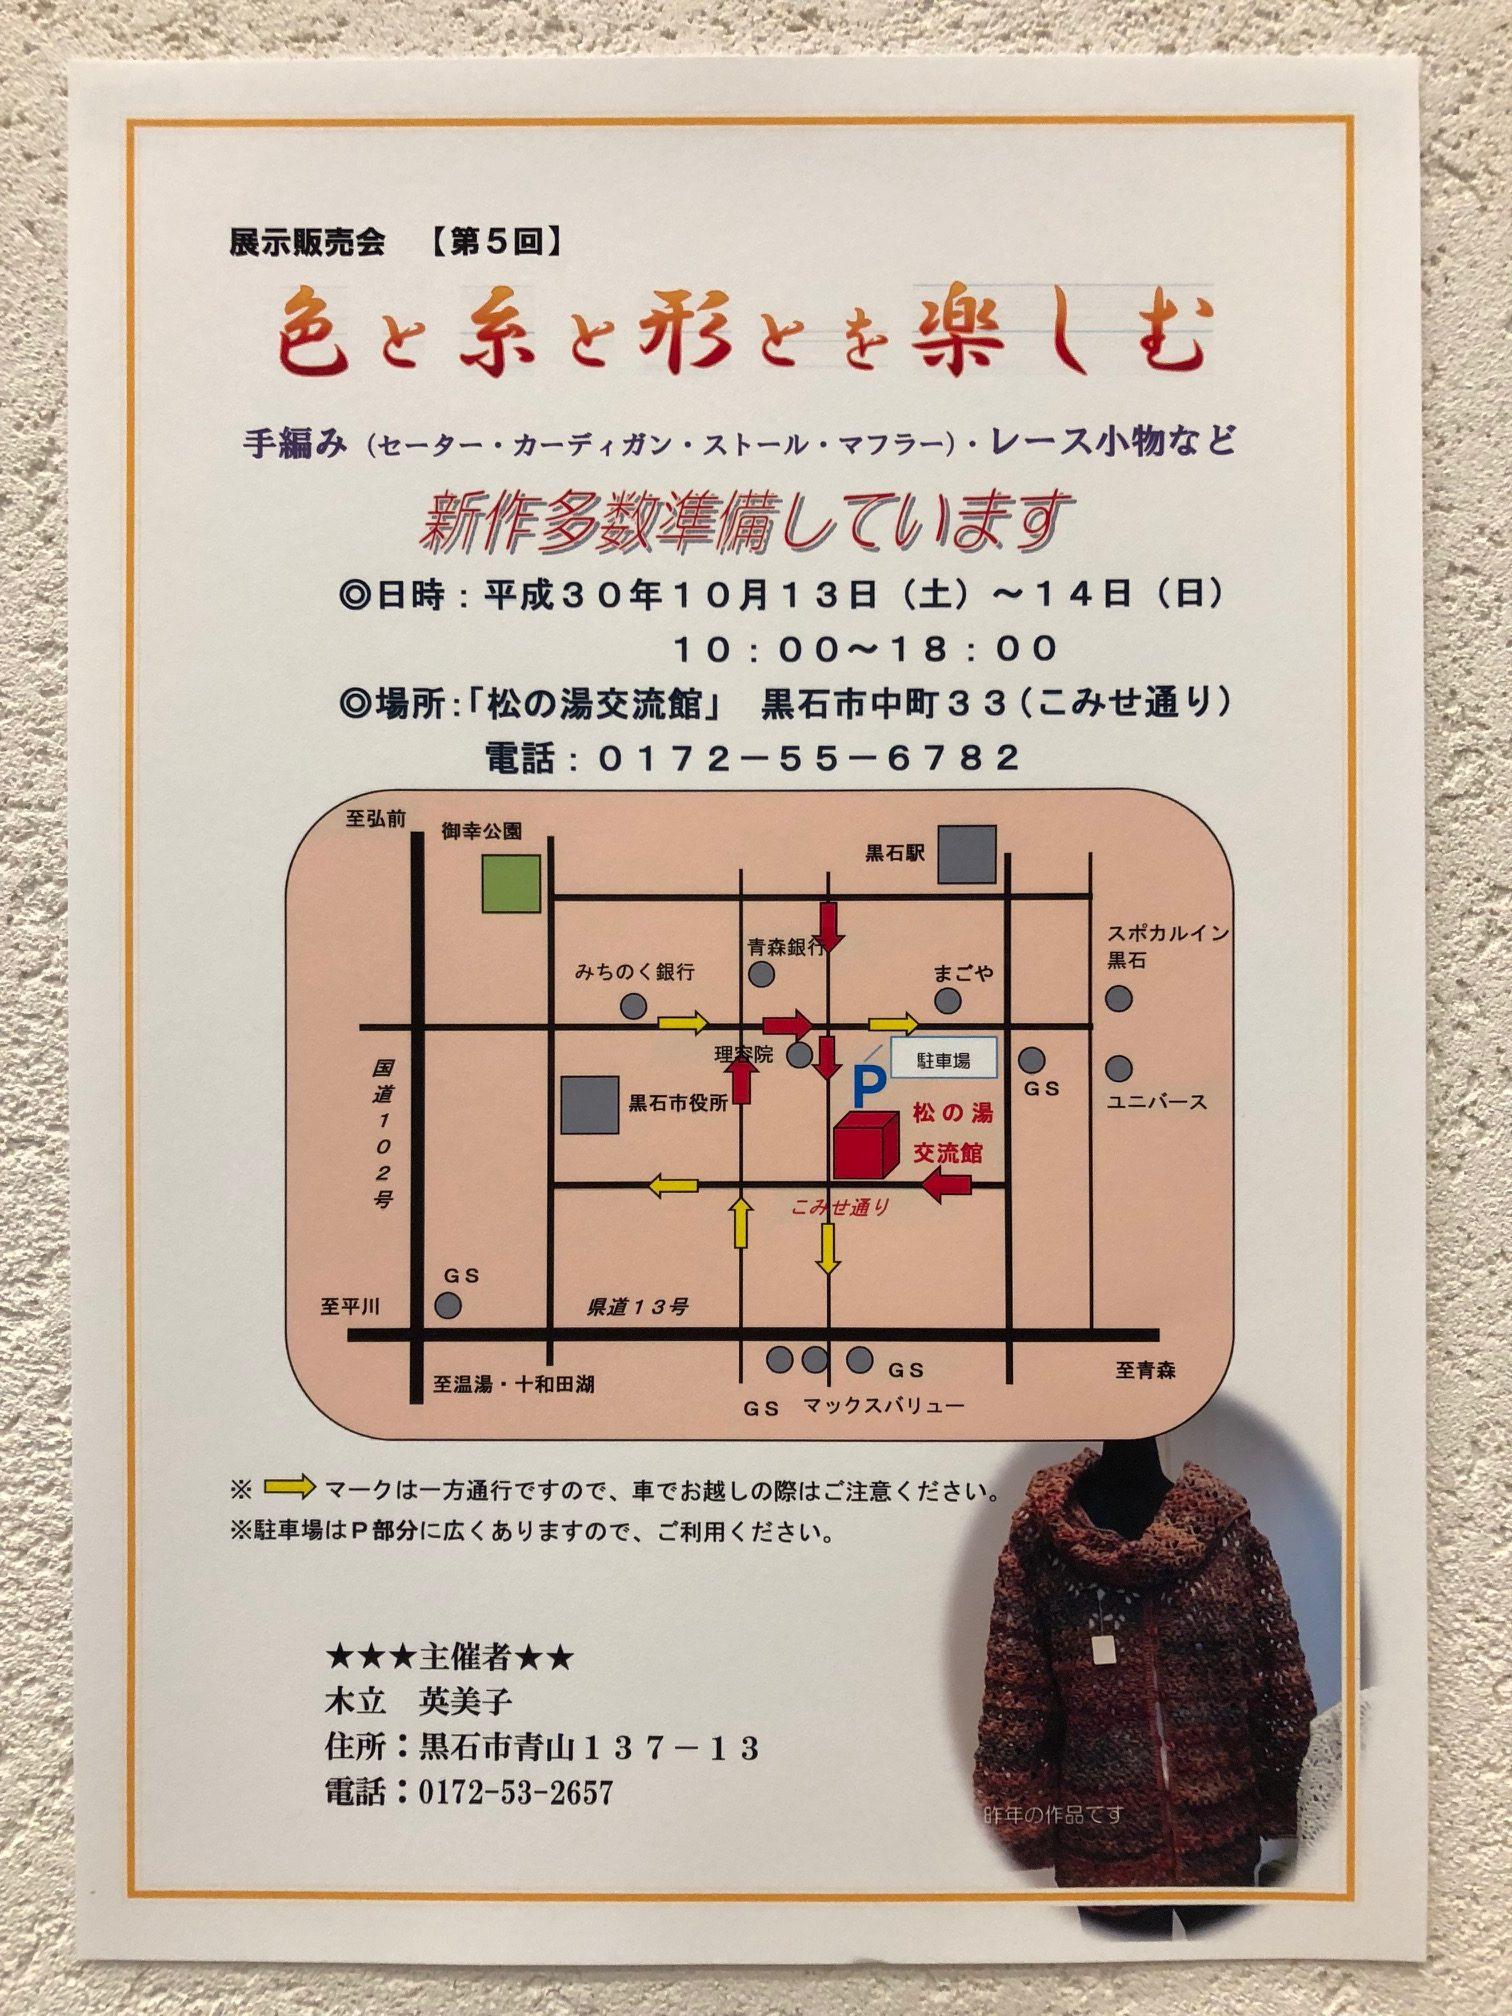 10/13・14 手編み・レース小物展示販売会